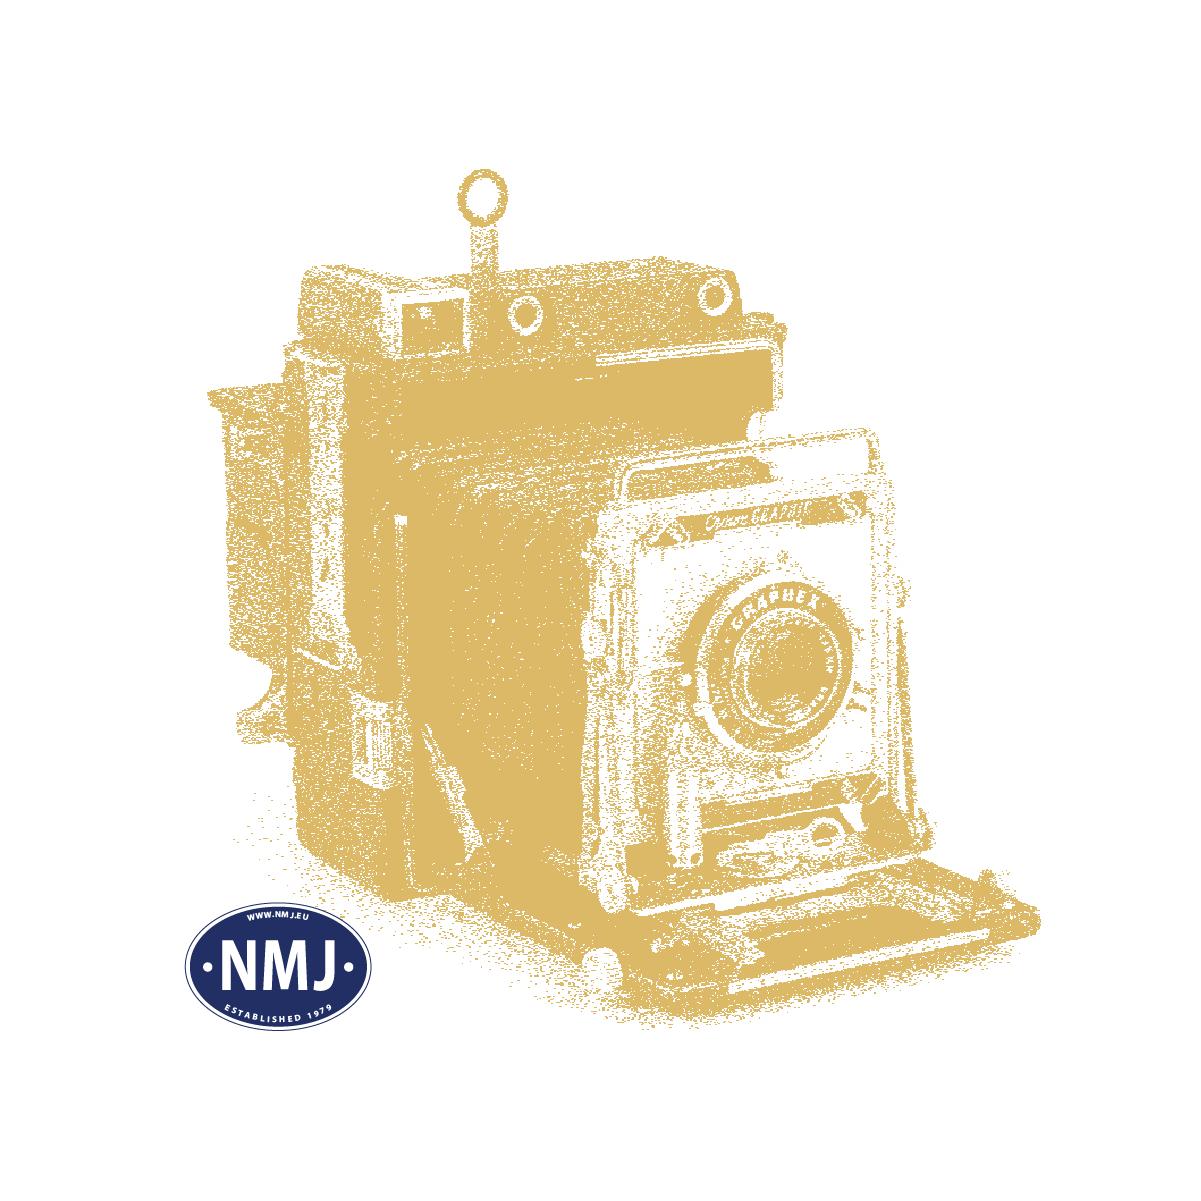 ROC51323 - Deluxe Digitalt Startsett z21, Ellok med Lyd, 6 Vogner, WiFi og Trådløs Håndkontroll